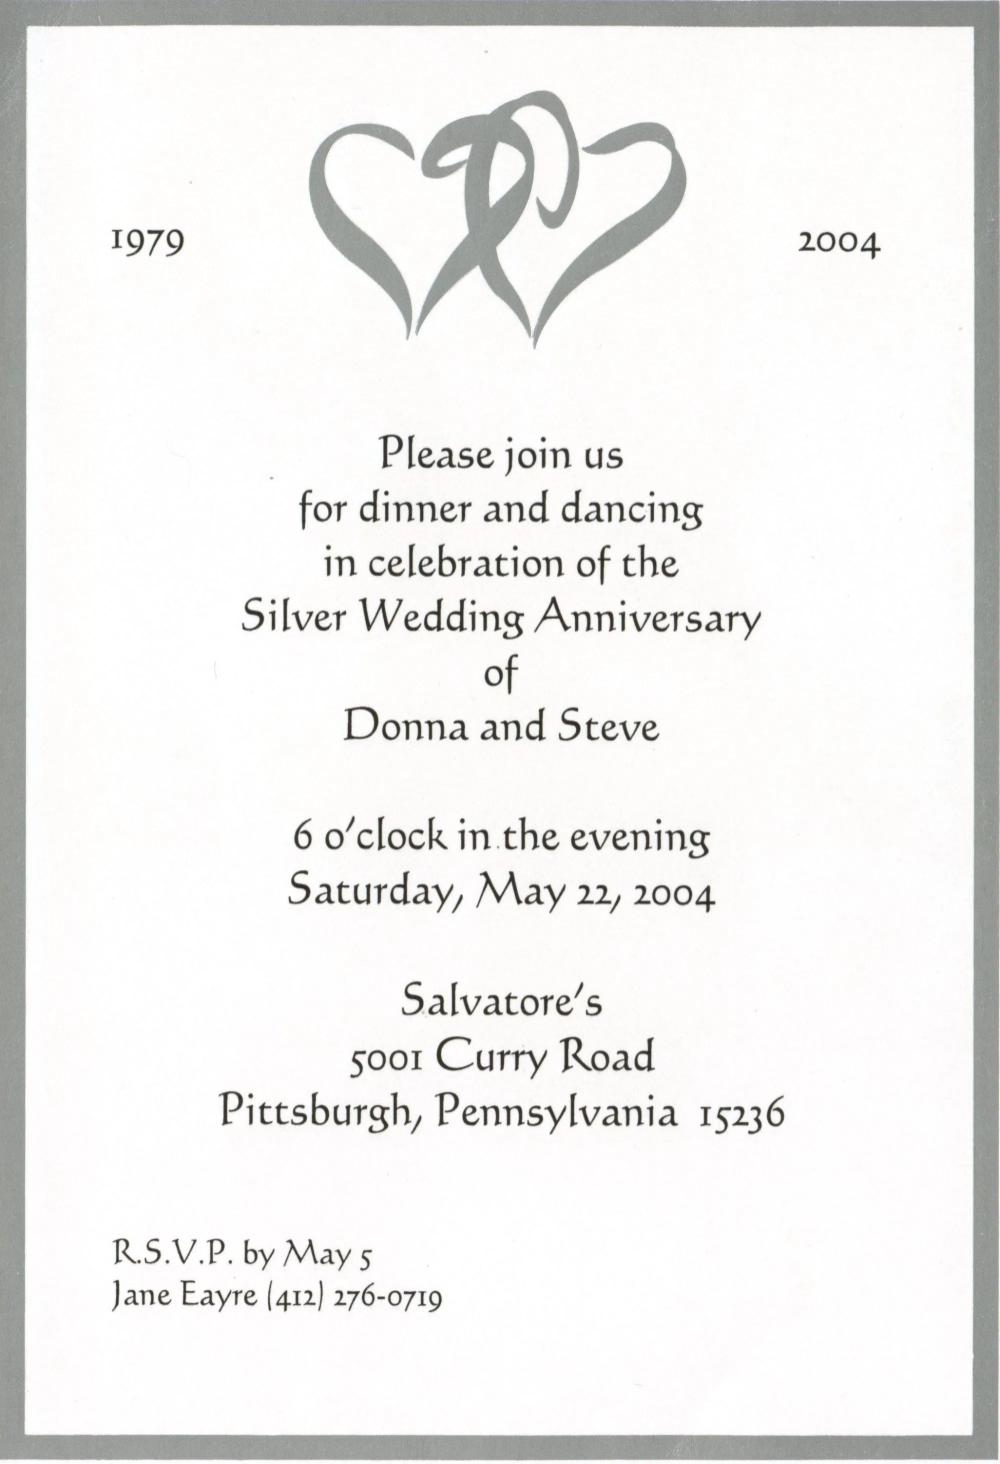 Wedding Invitation Marriage Anniversary Invitation Card Superb Invitation Superb Kartu Undangan Pernikahan Undangan Pesta Pernikahan Perayaan Pernikahan